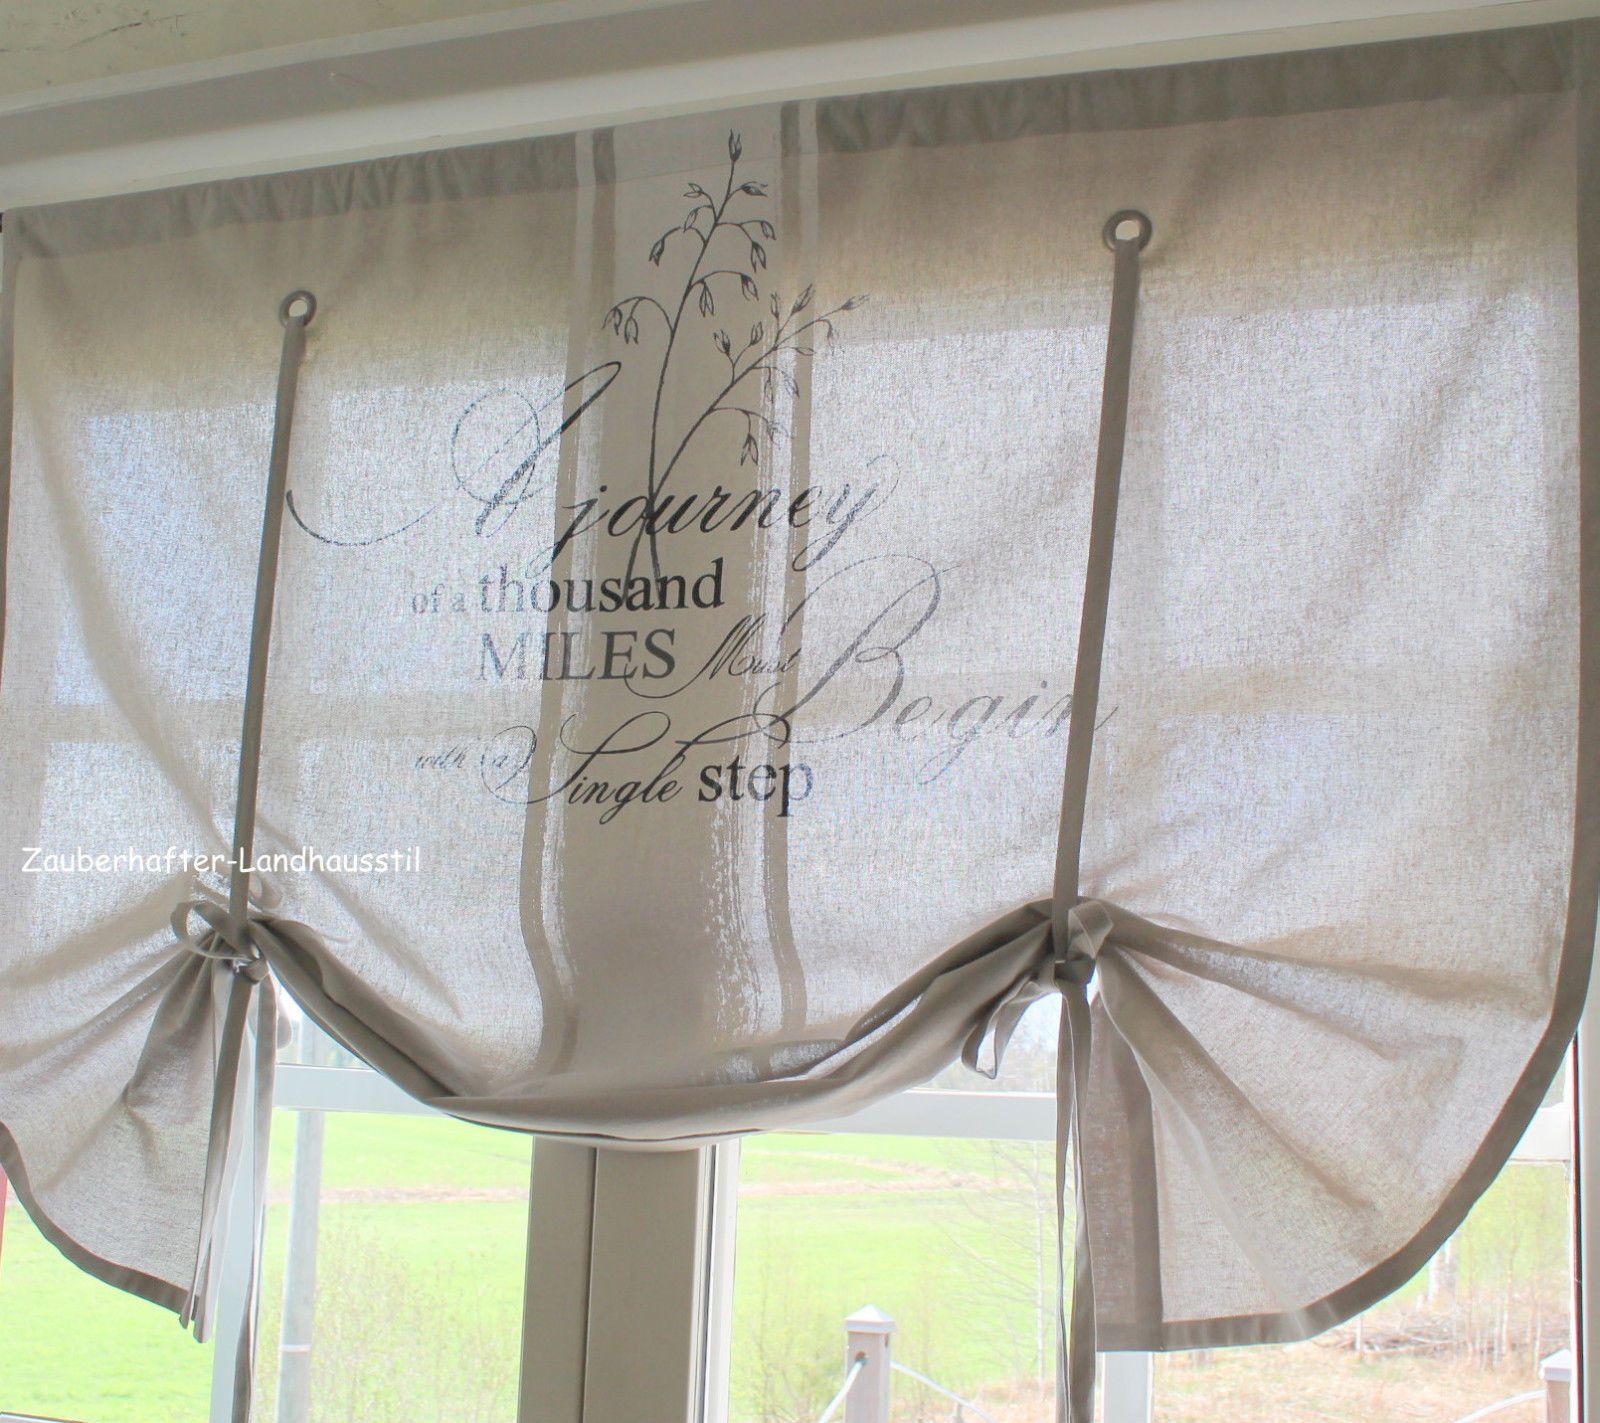 Miles Raff Gardine Cappuccino 100 120 140 Cm Breit Shabby Chic Vintage Curtain Vorhange Schabby Schick Shabby French Chic